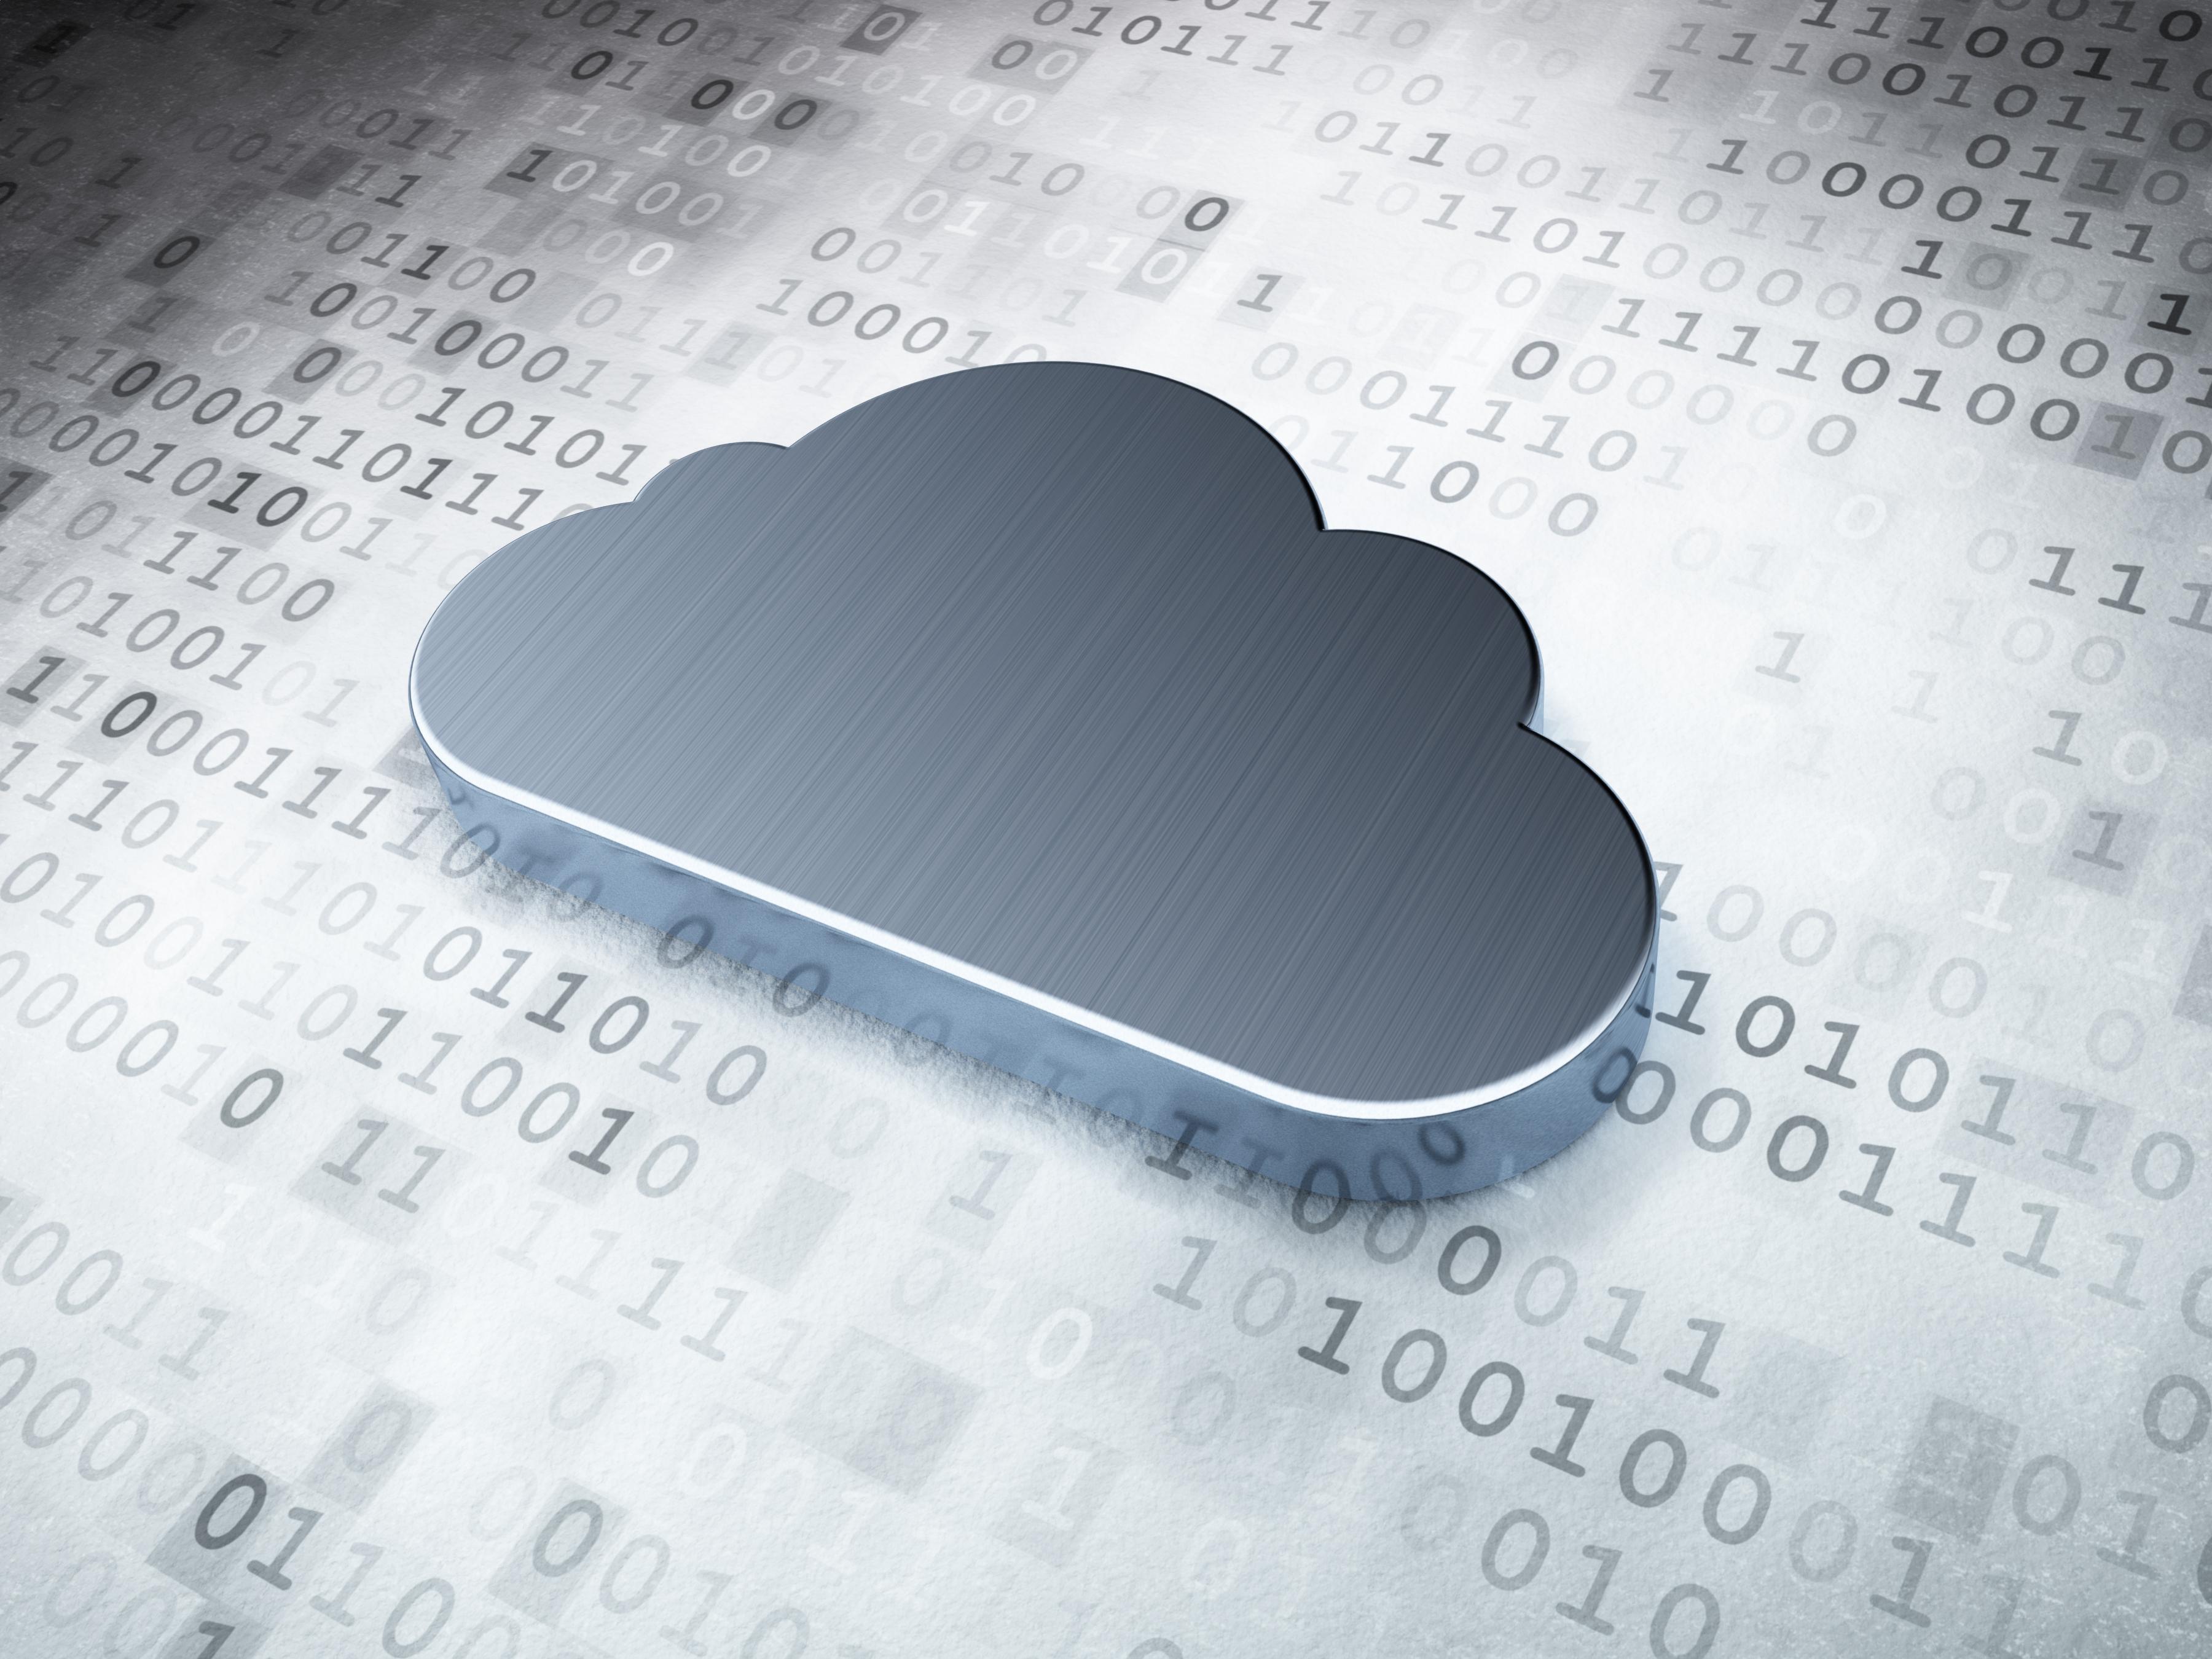 שרת ענן ייעודי מול שרת שיתופי – השוואה Copy